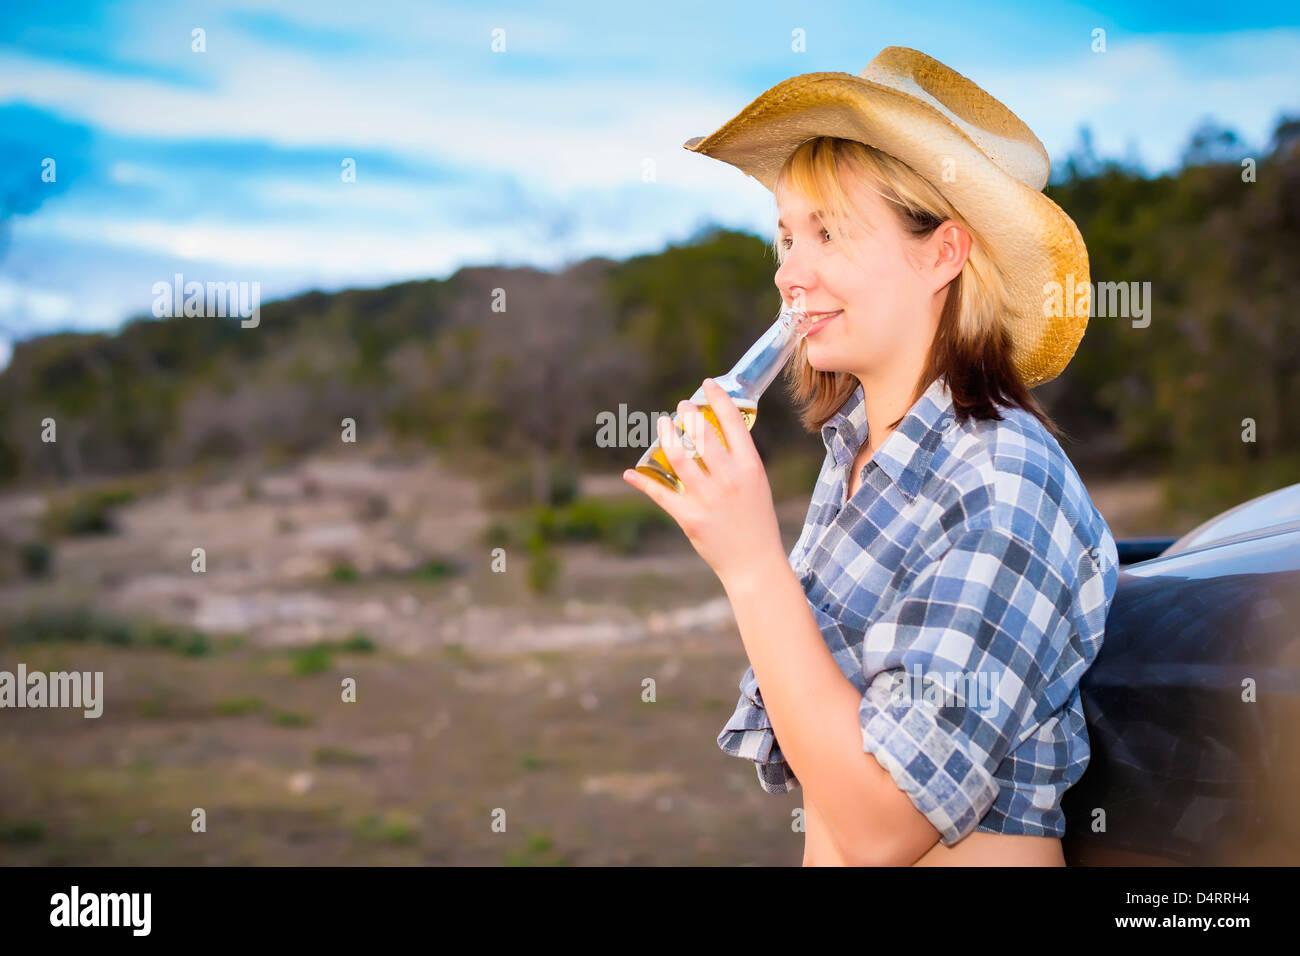 Retrato de país Chica sujetando una botella de cerveza, 19 mujeres de raza caucásica, Texas, EE.UU. Imagen De Stock